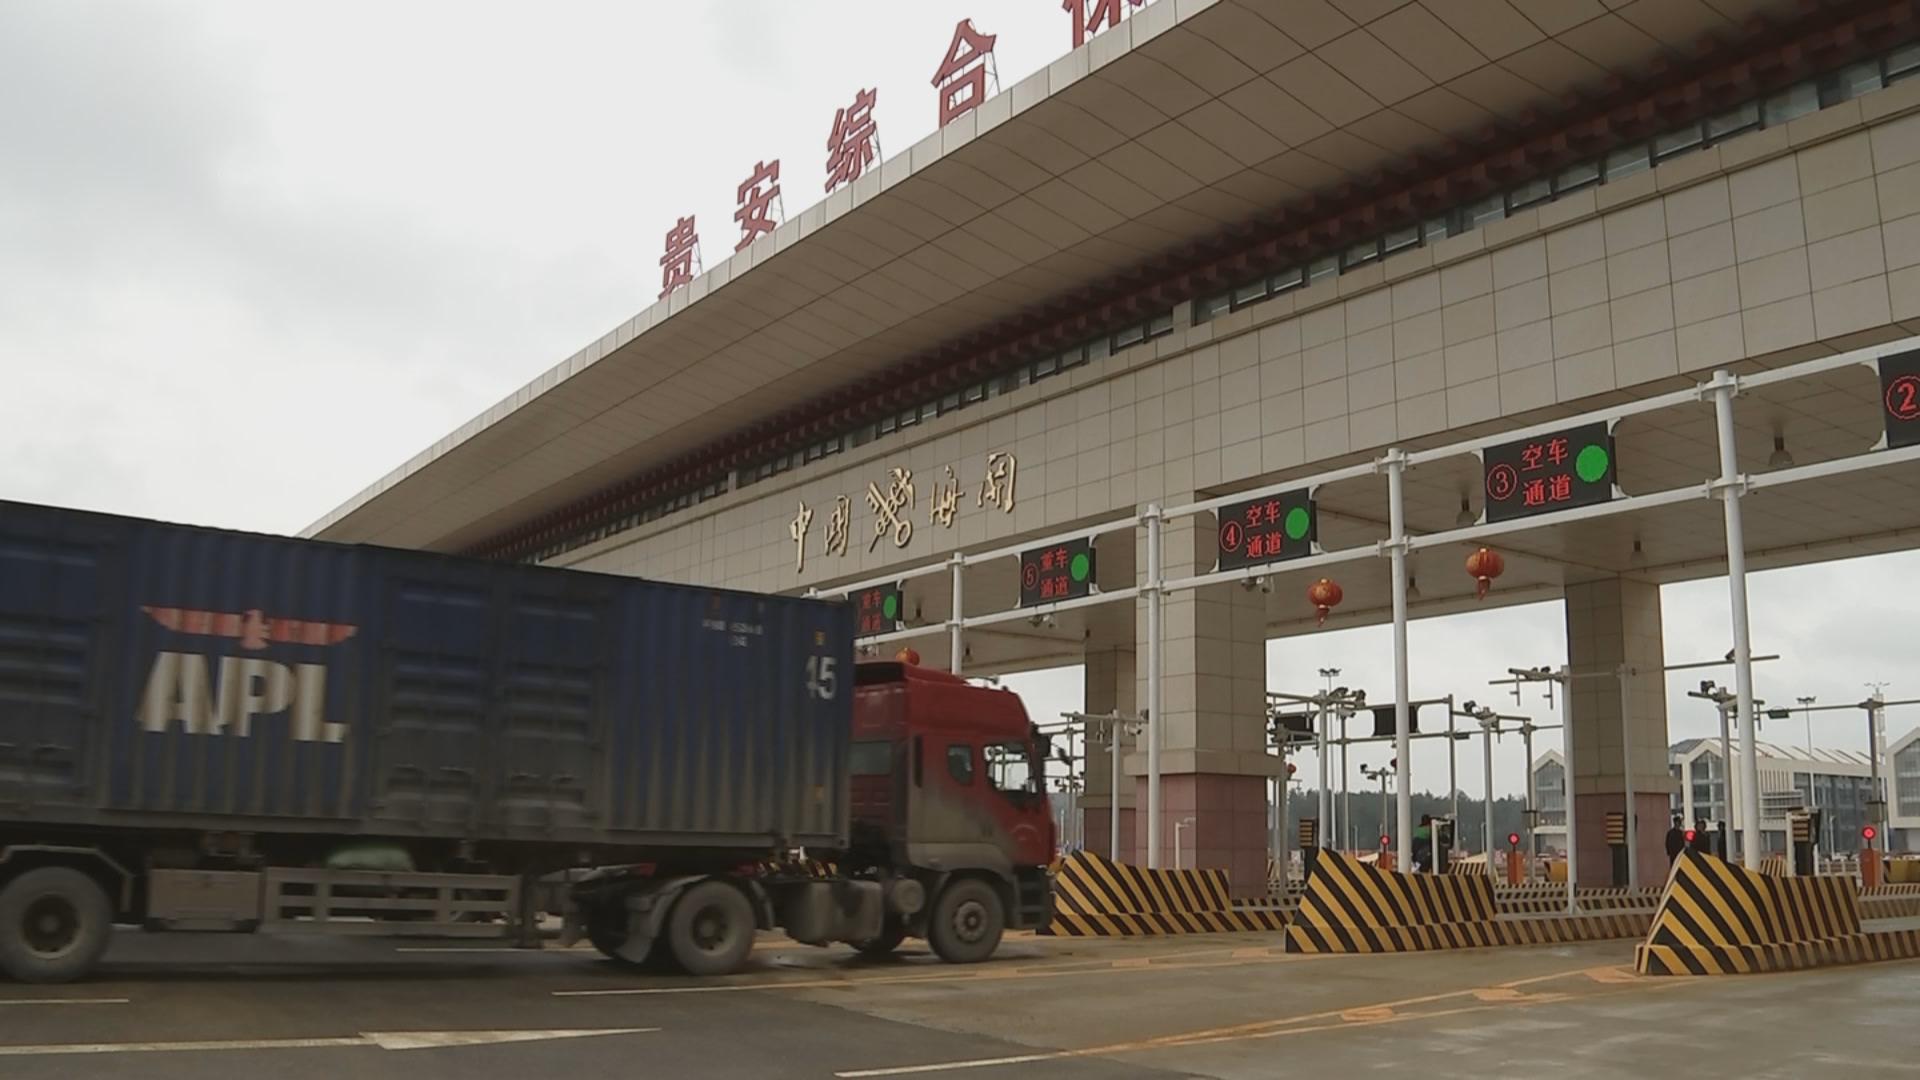 贵州澳门金沙官网联播丨上半年贵州货物贸易进出口总值超326亿元 增速全国第4